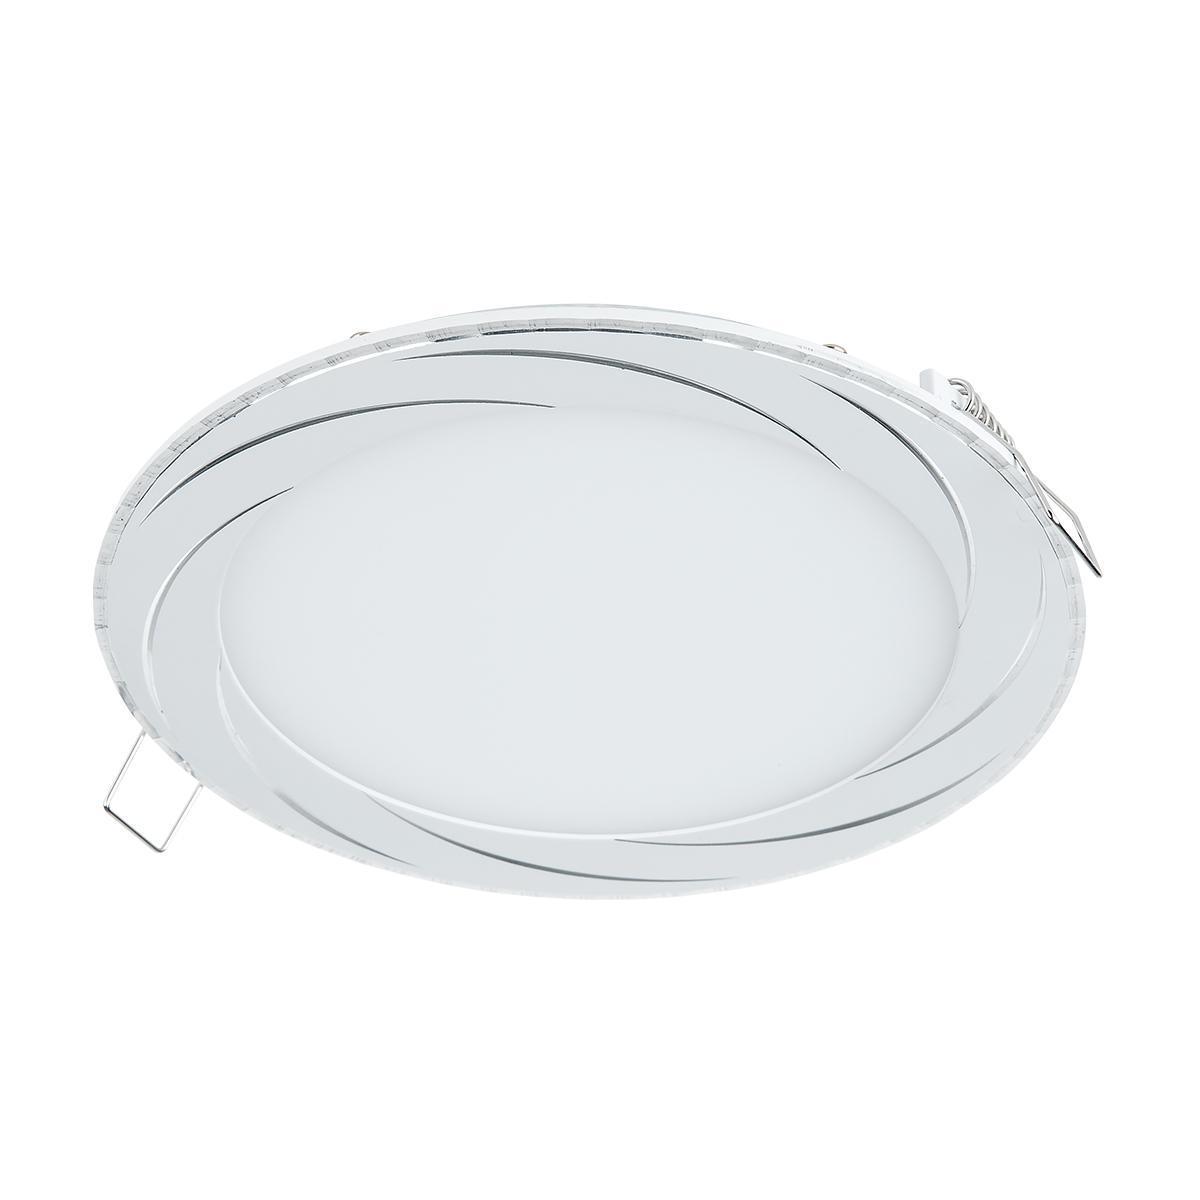 Встраиваемый светодиодный светильник Elektrostandard DLR004 12W 4200K WH белый 4690389084768 vls 700r 12w wh elvan 1154478